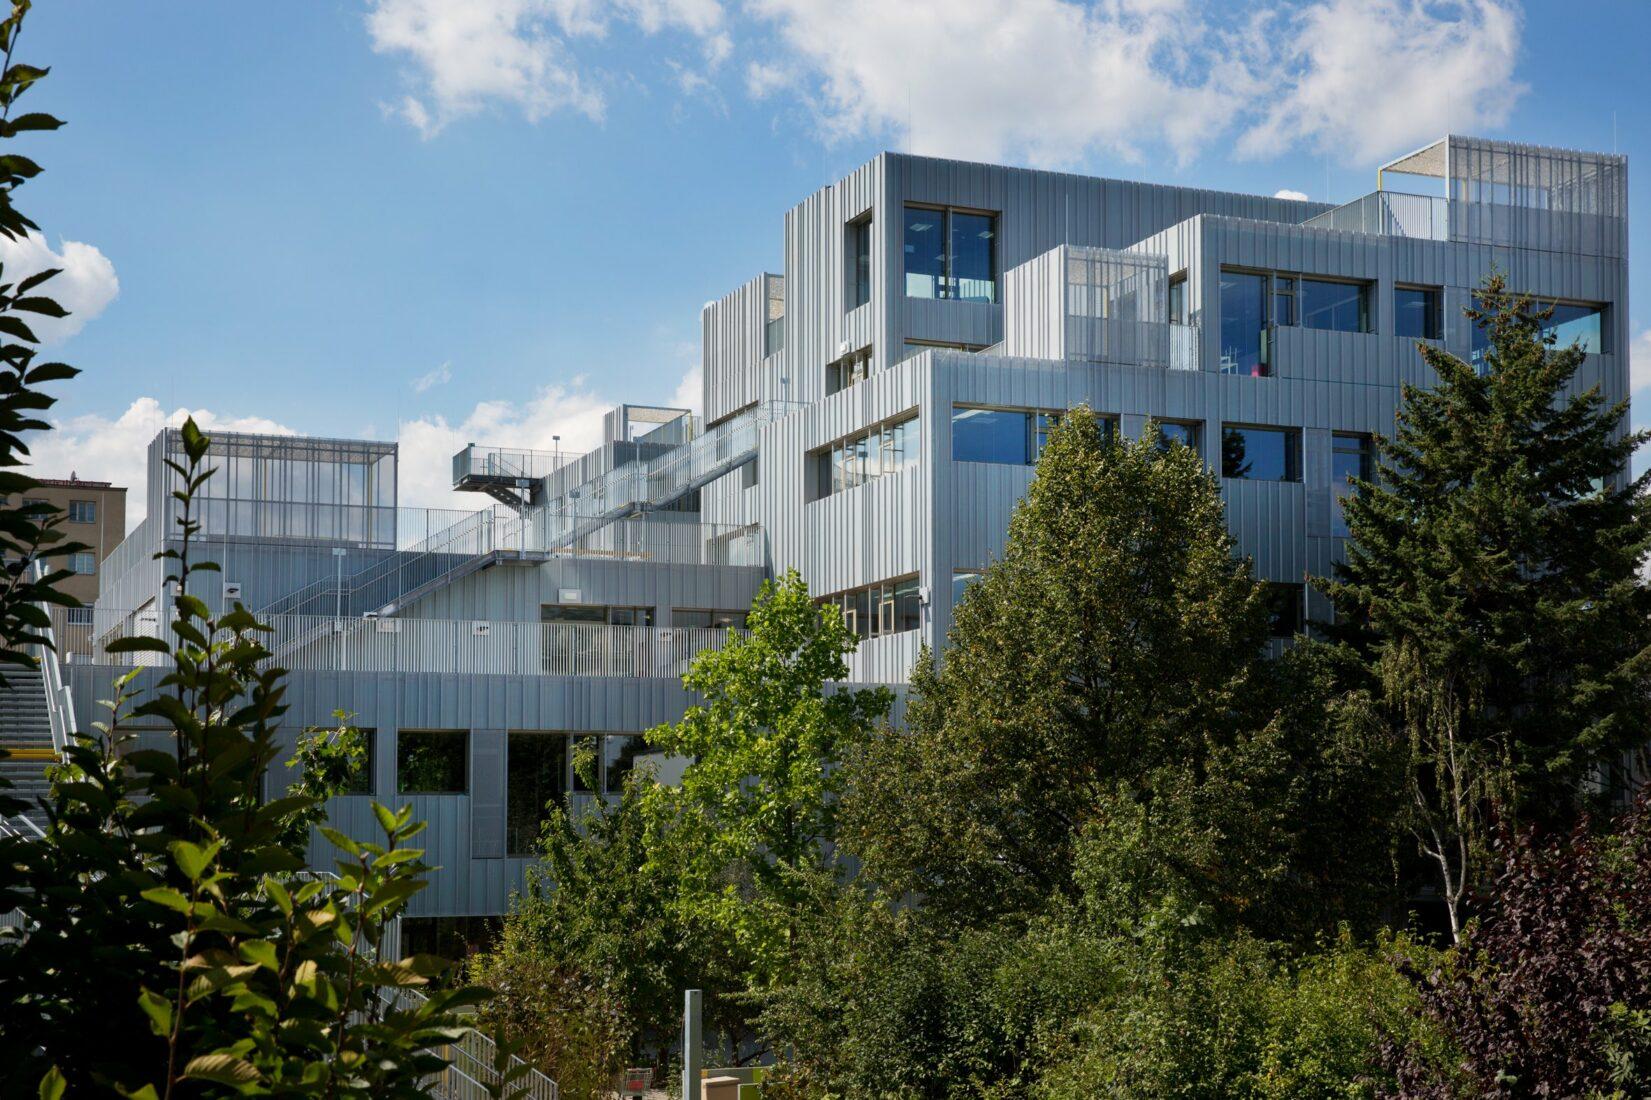 Der Schul-Erweiterungsbau ist als differenzierter Baukörper angelegt. Fotos: Dörken GmbH & Co. KG